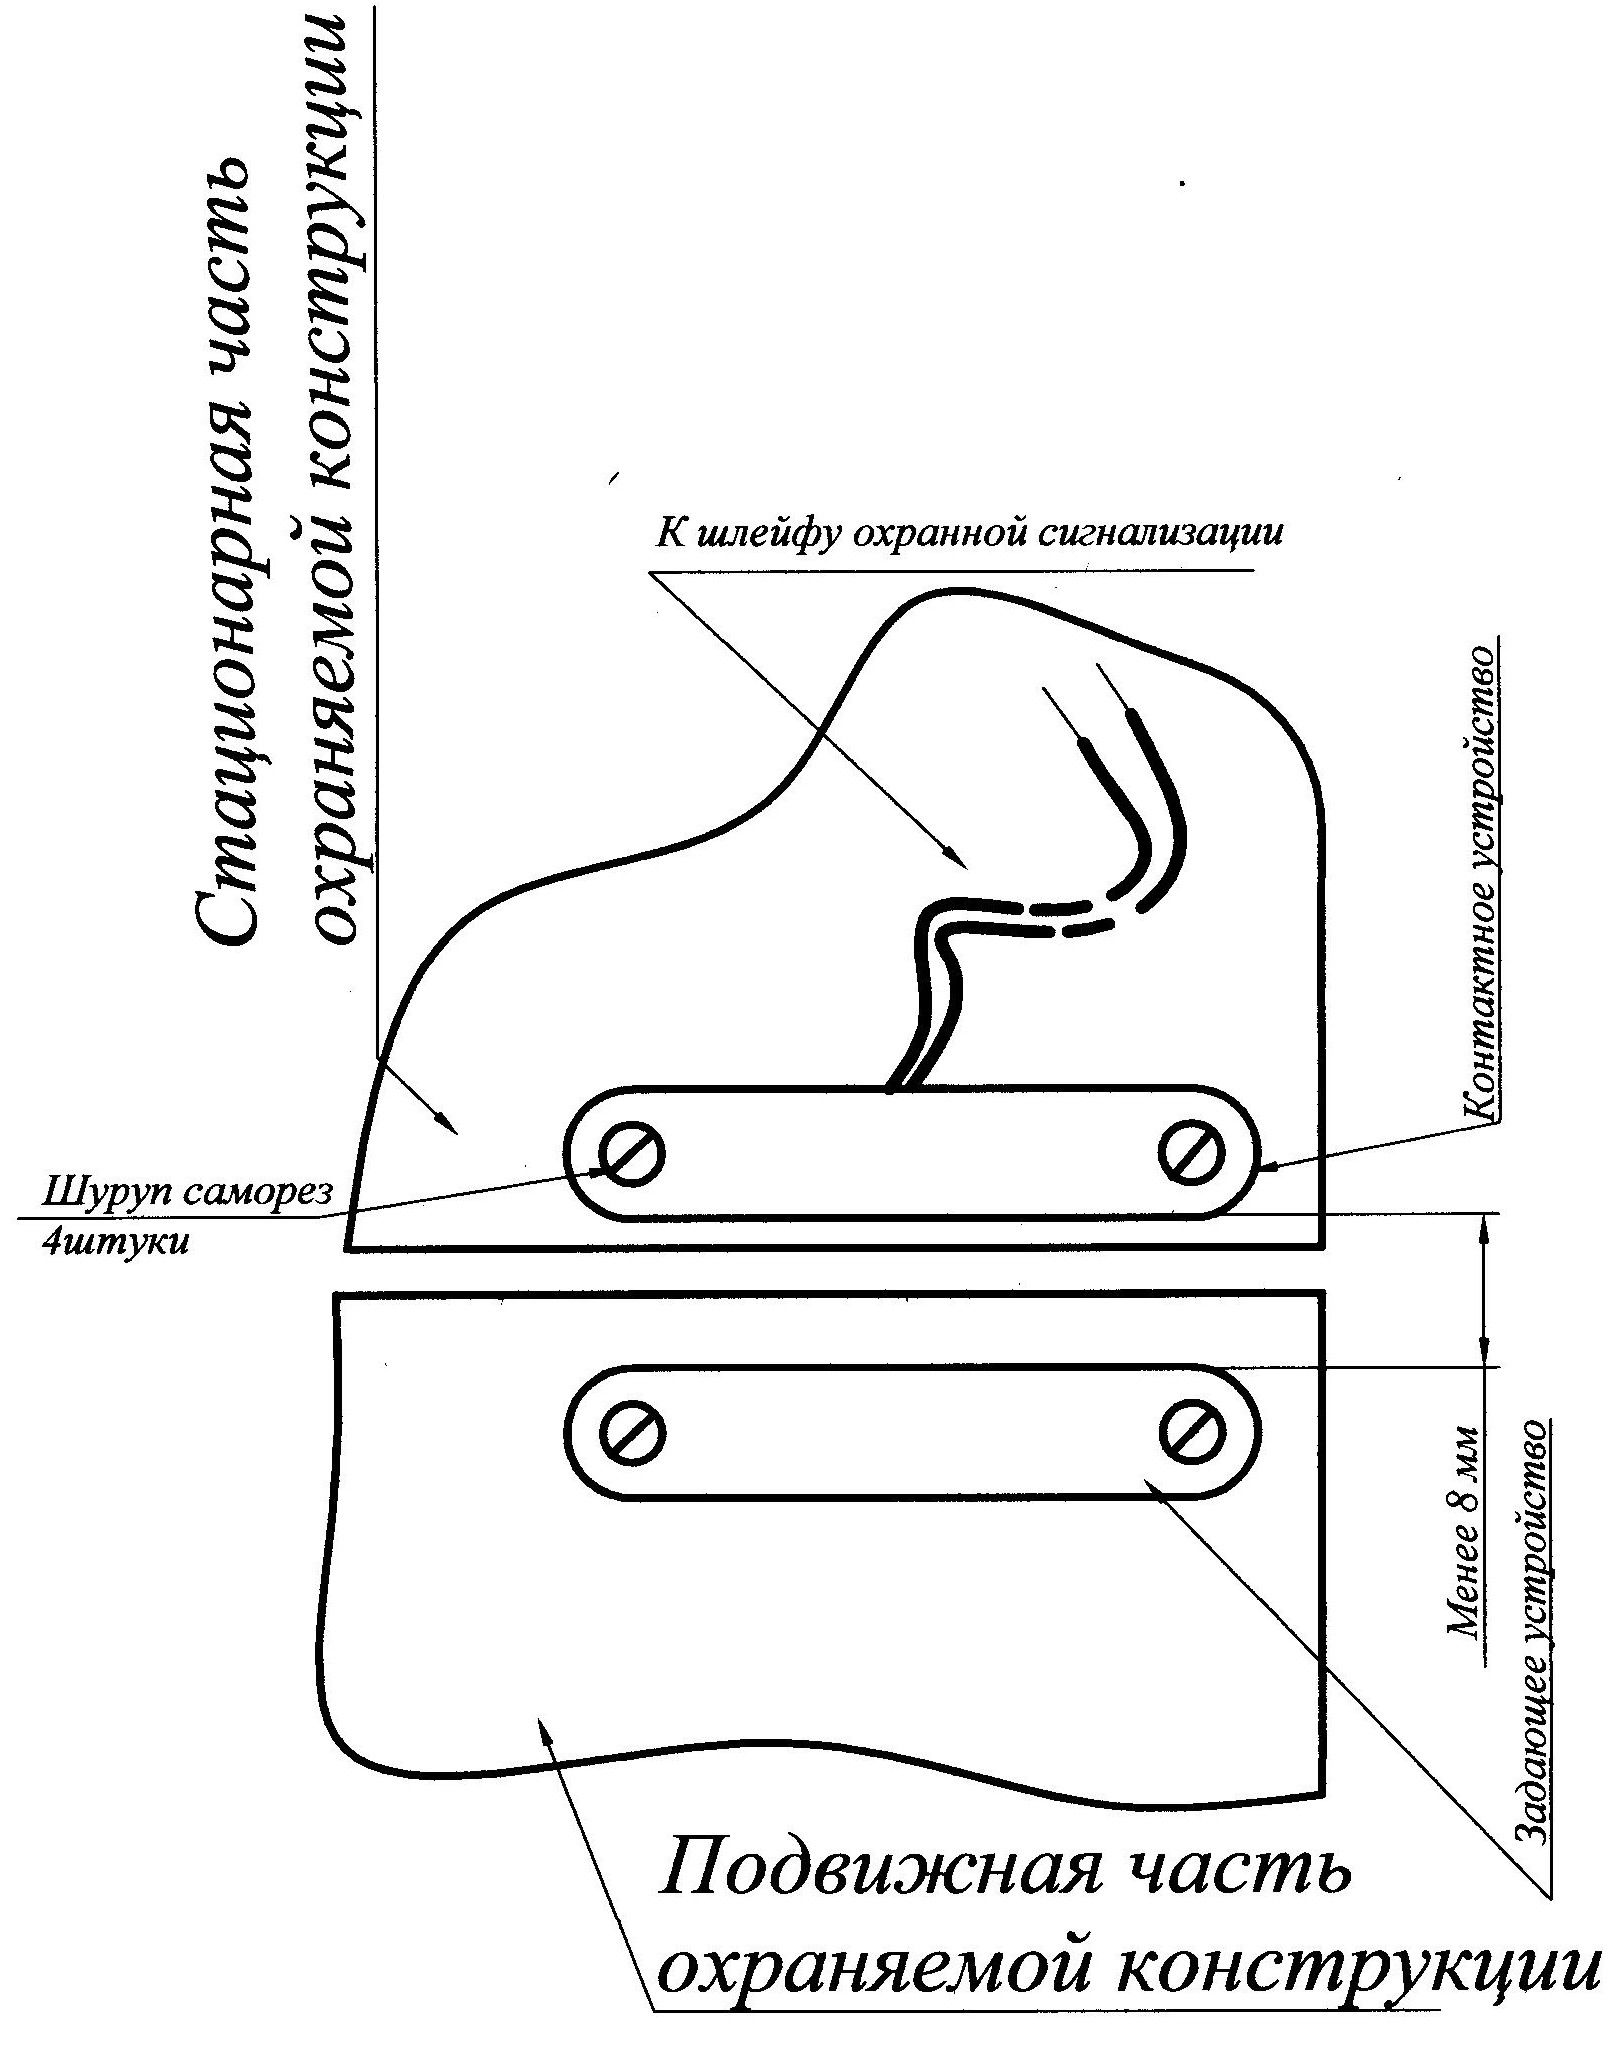 Установка герконового датчика СМК-4Э